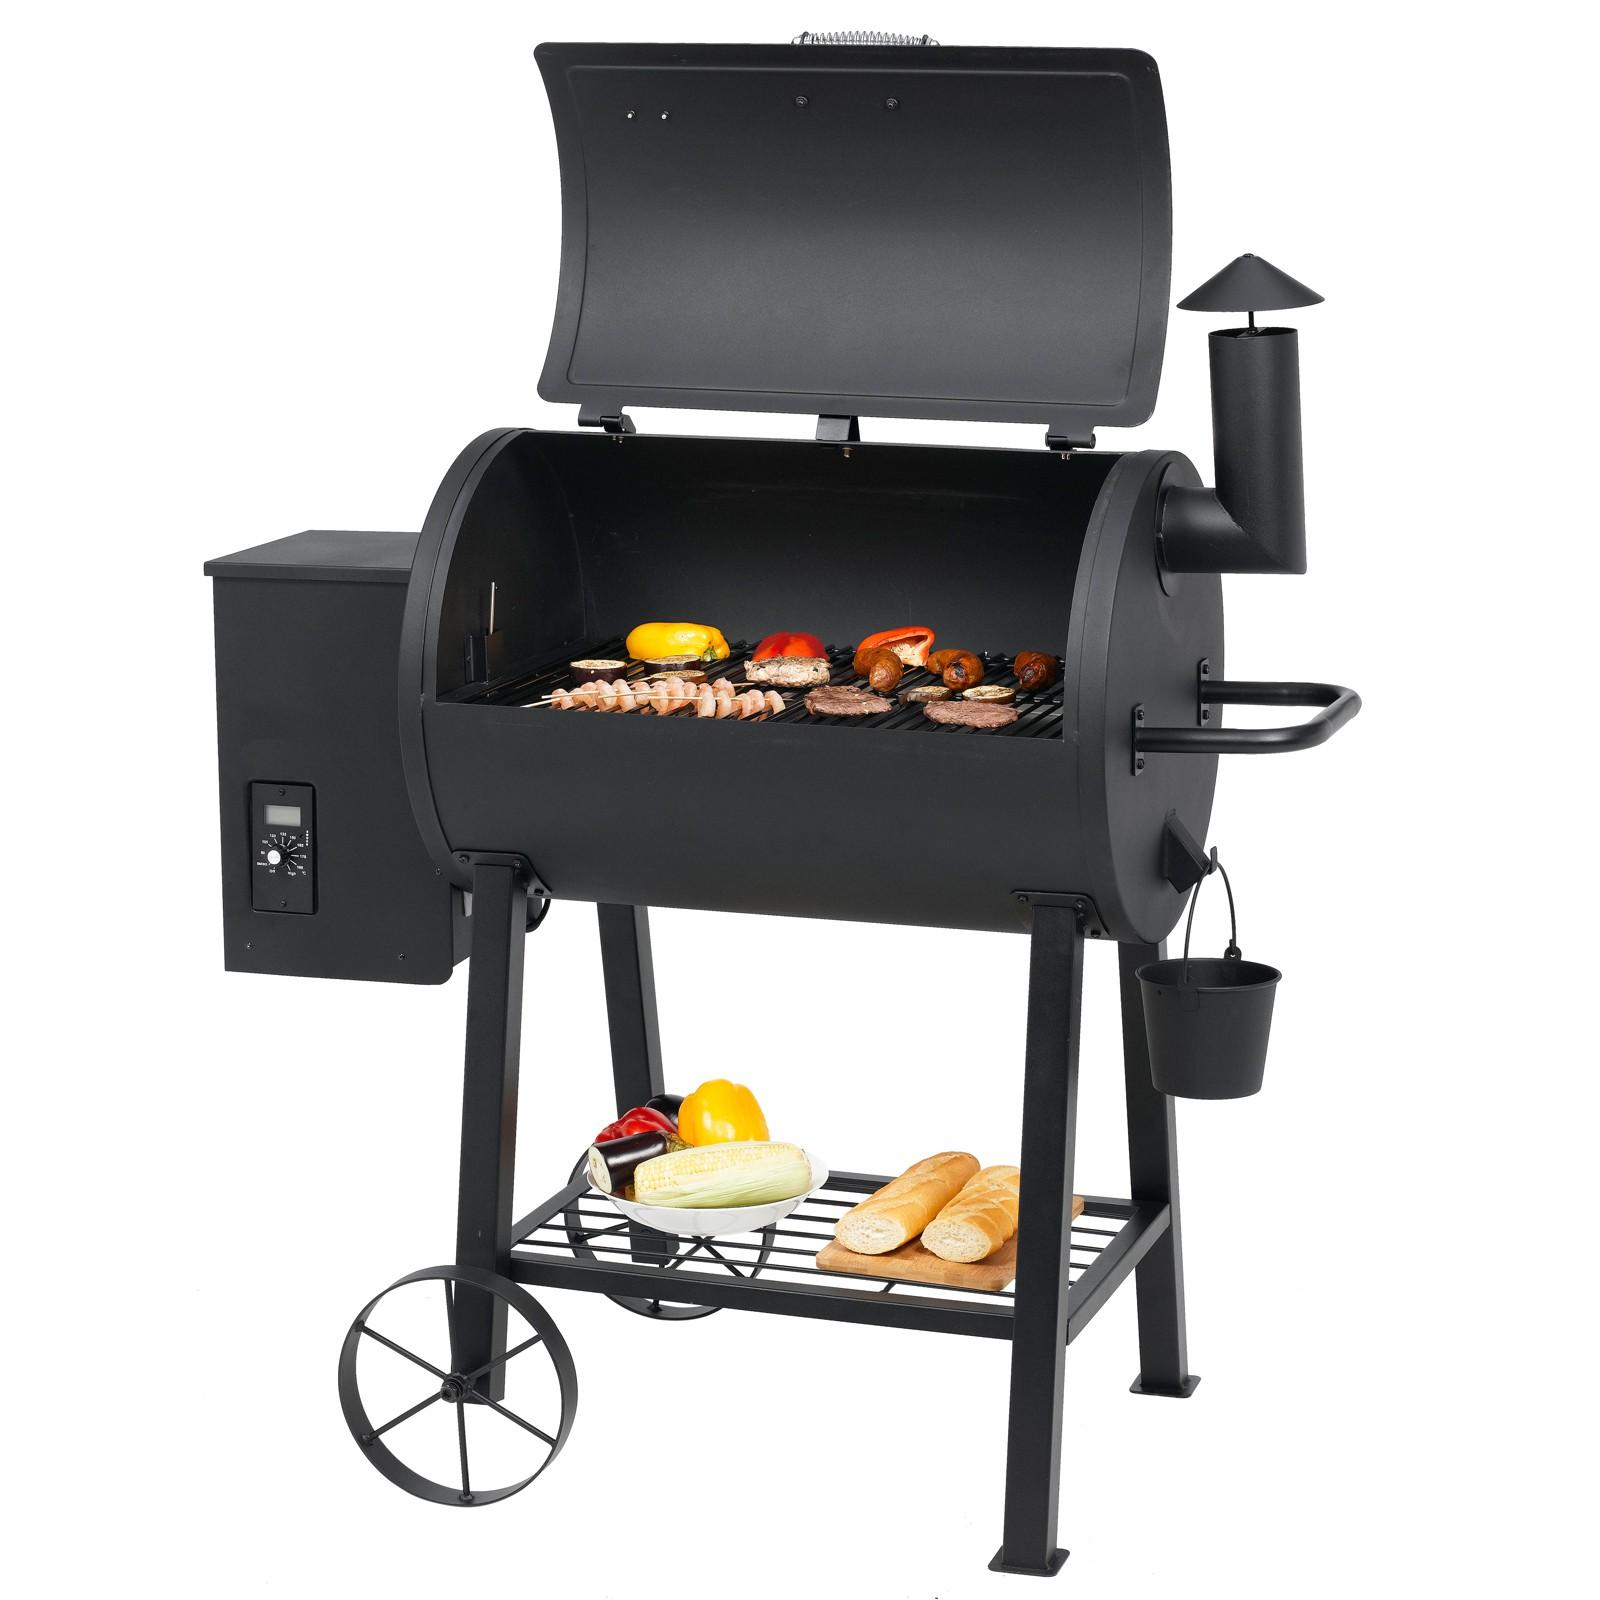 Smoker Grillwagen Tepro Wichita Grill BBQ Grillwagen Smoker mit Thermometer Neu